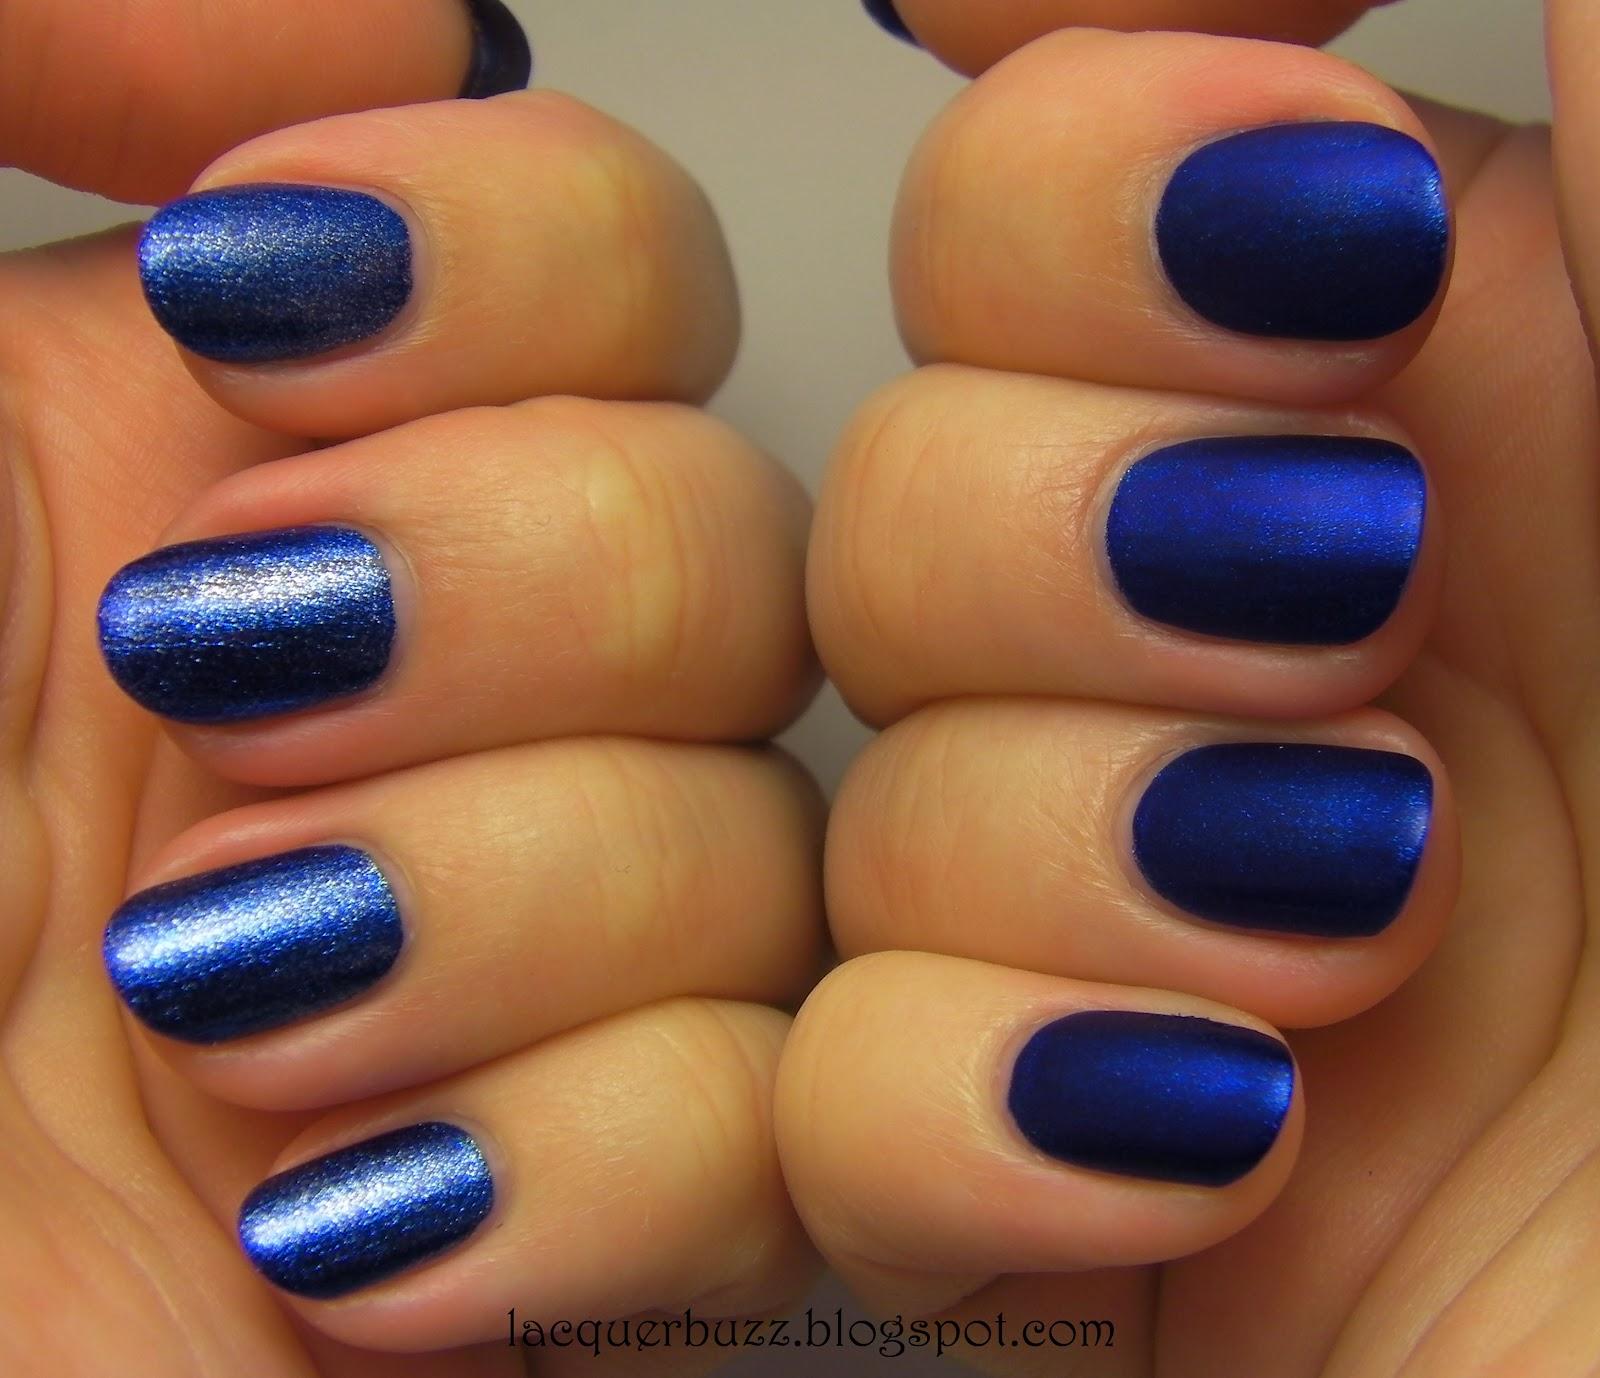 Lacquer Buzz: Monday Blues: Kleancolor Metallic Sapphire